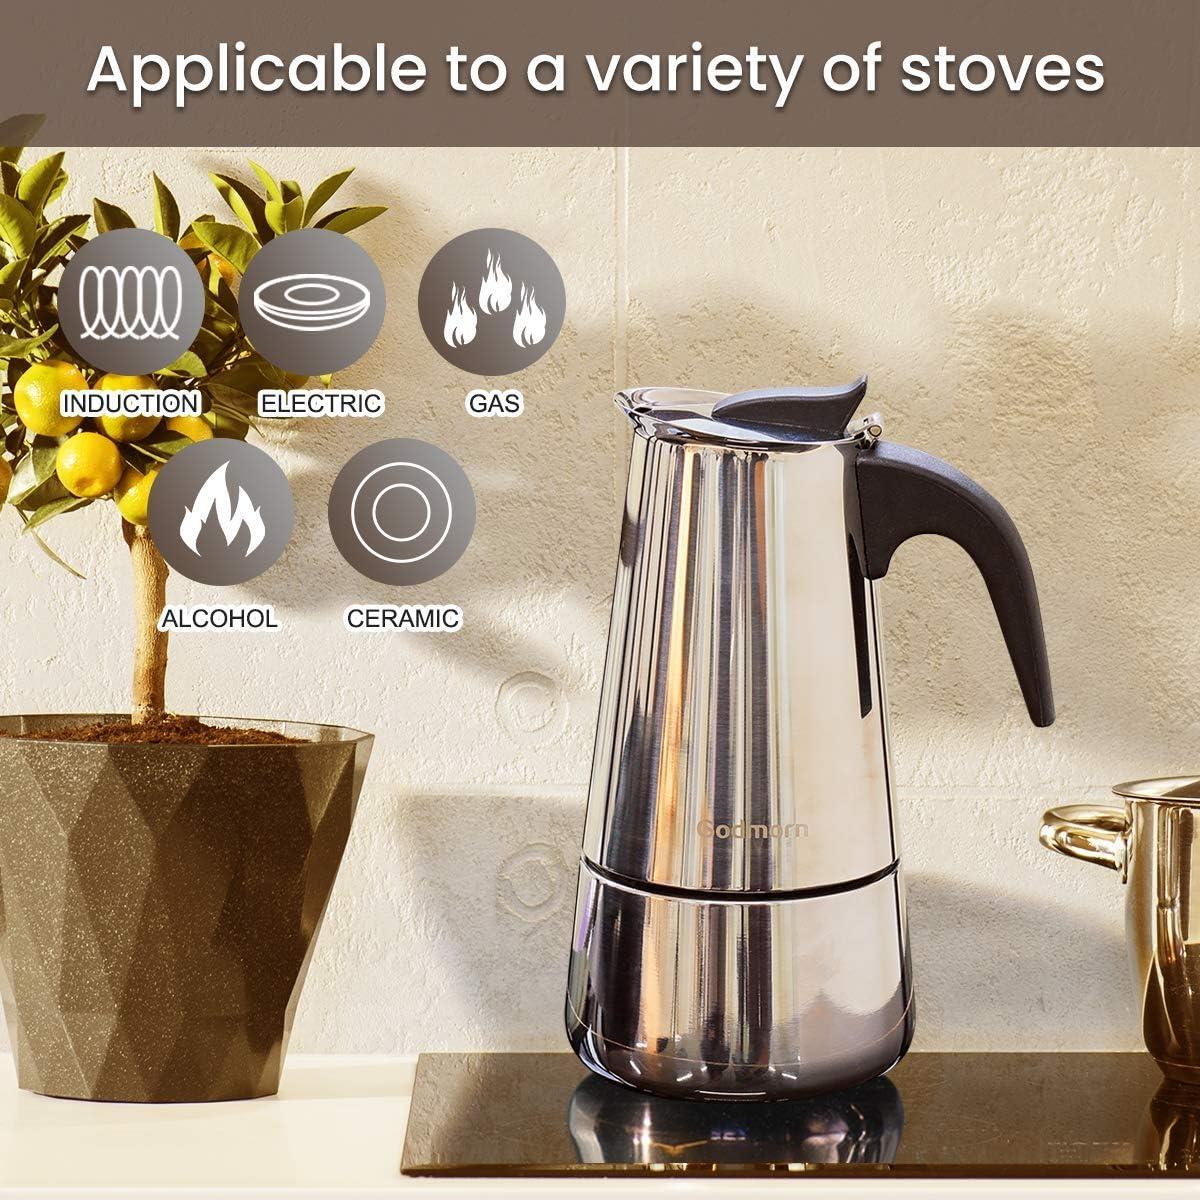 Godmorn Cafetera Italiana, Cafetera espressos en Acero inoxidable430, 10tazas(450ml),Conveniente para la Cocina de inducción,Cafetera Moka Clásica,